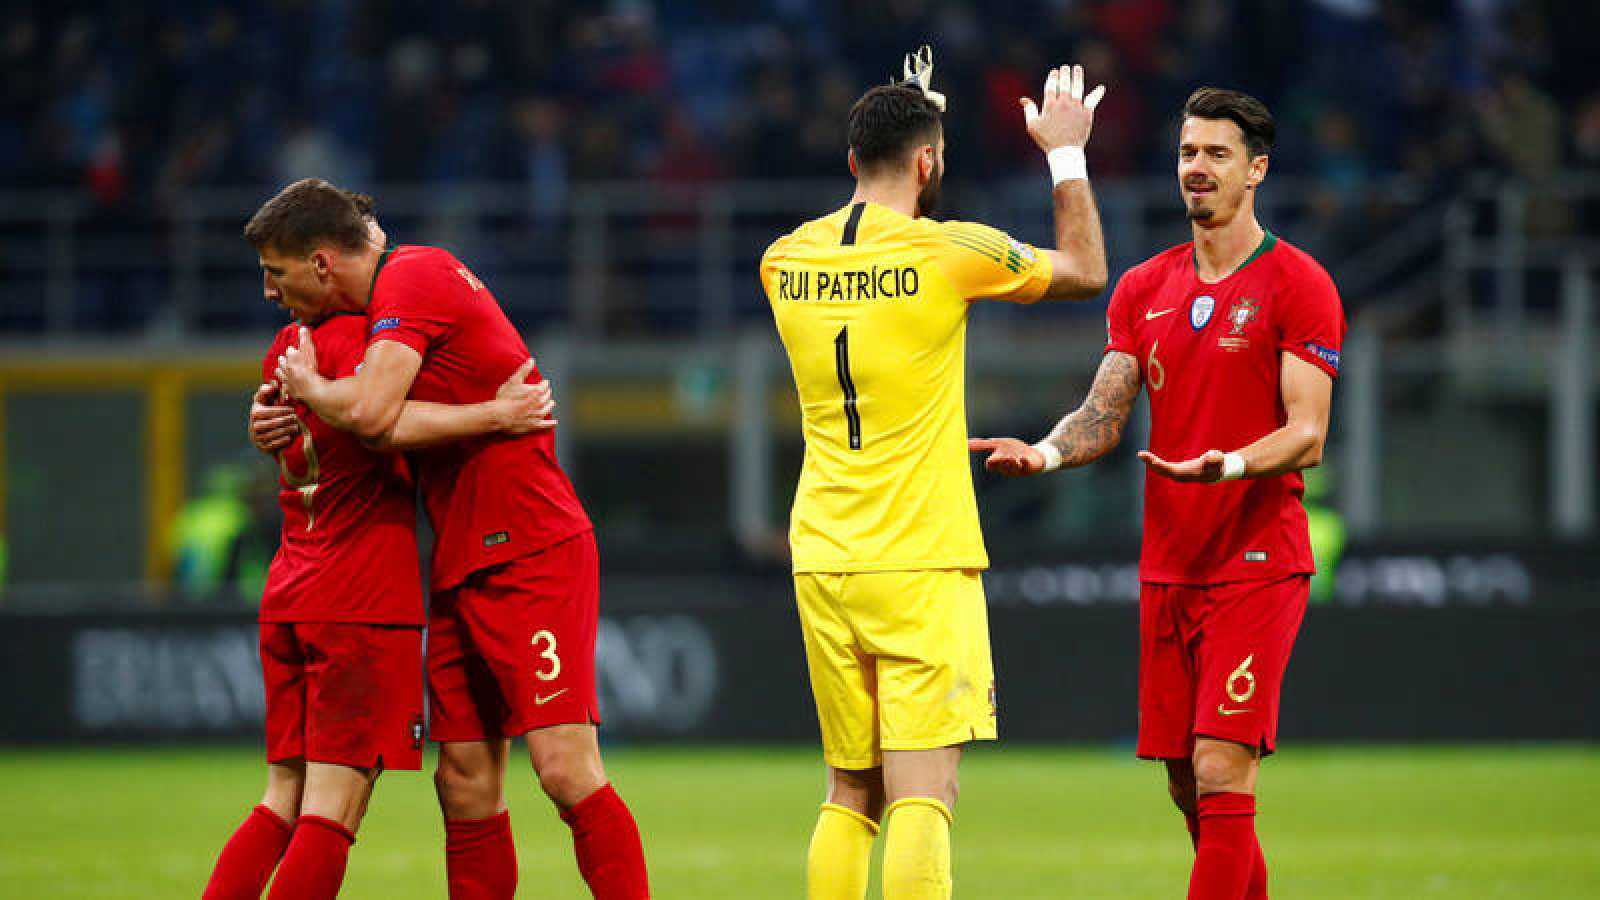 Los jugadores de Portugal celebran la clasificación al concluir el partido en San Siro